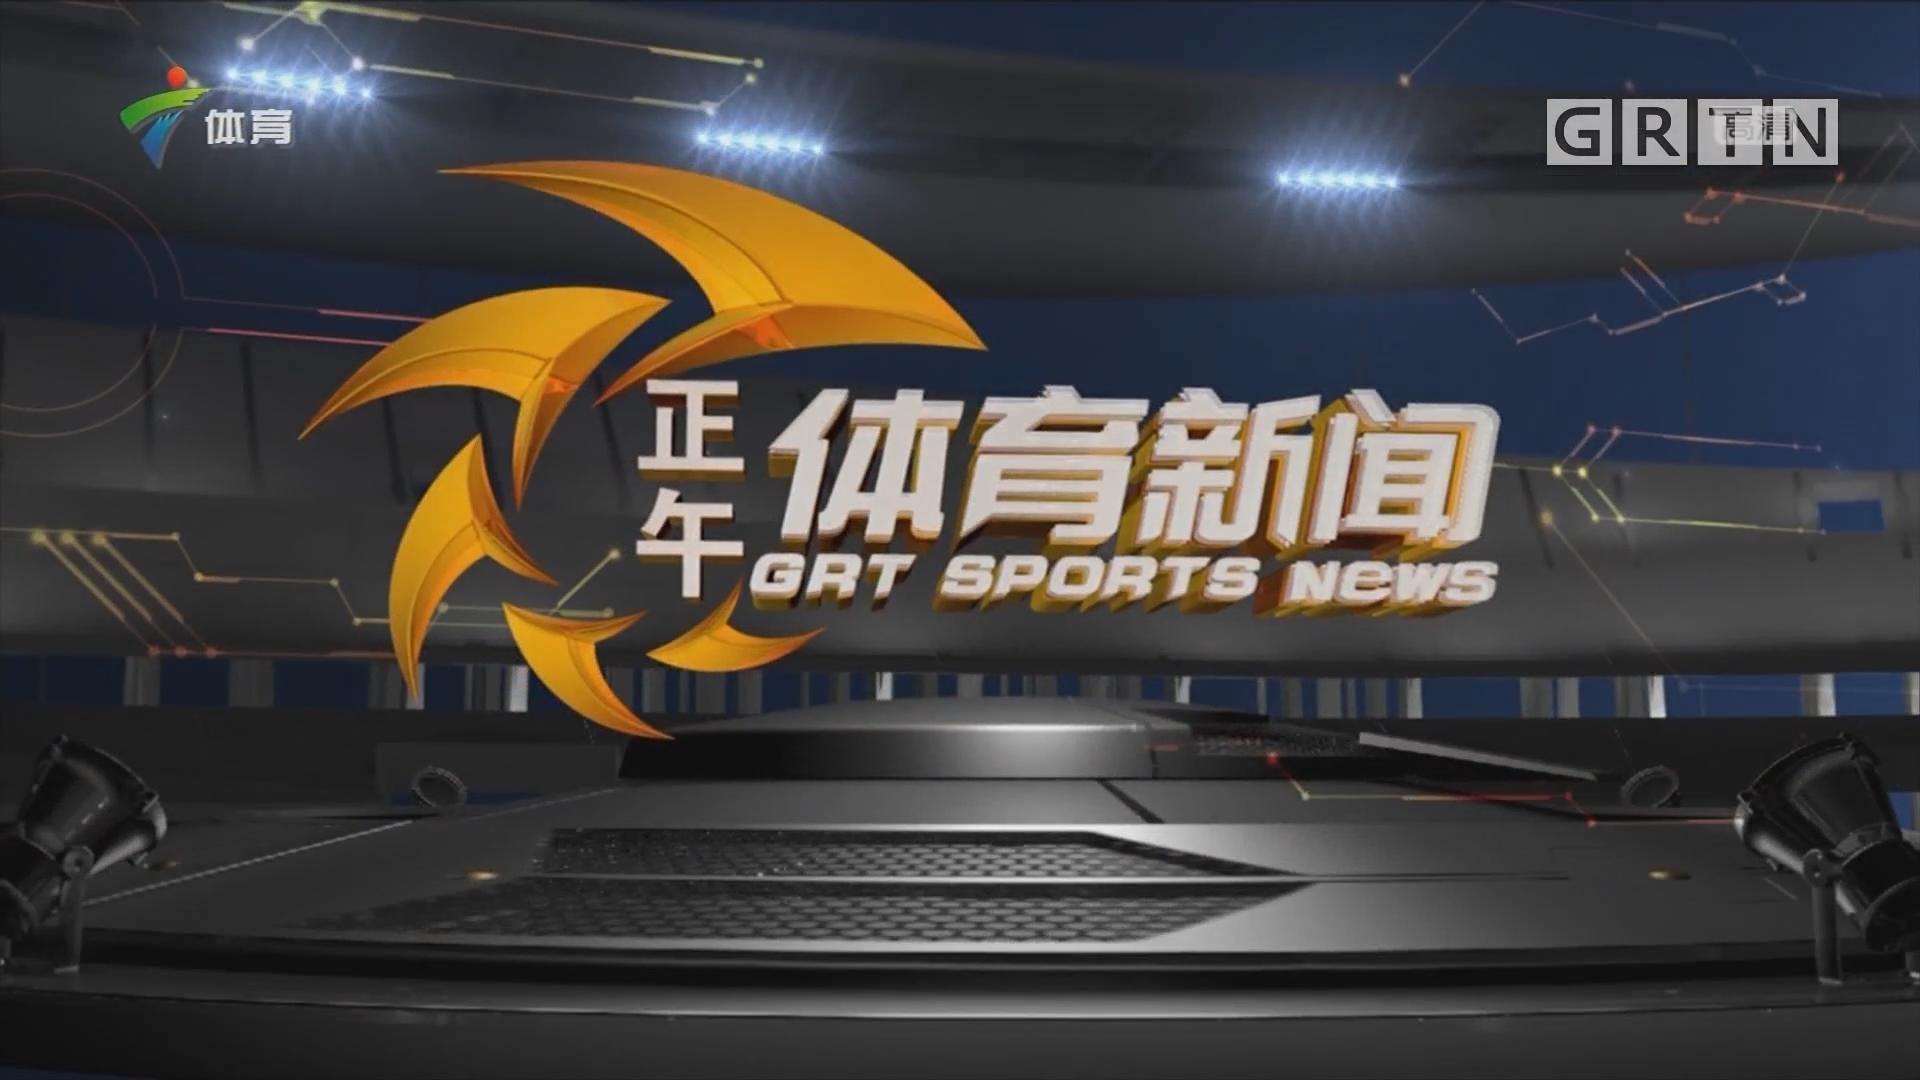 [HD][2019-06-02]正午体育新闻:雨战遇困局 斯帅很生气